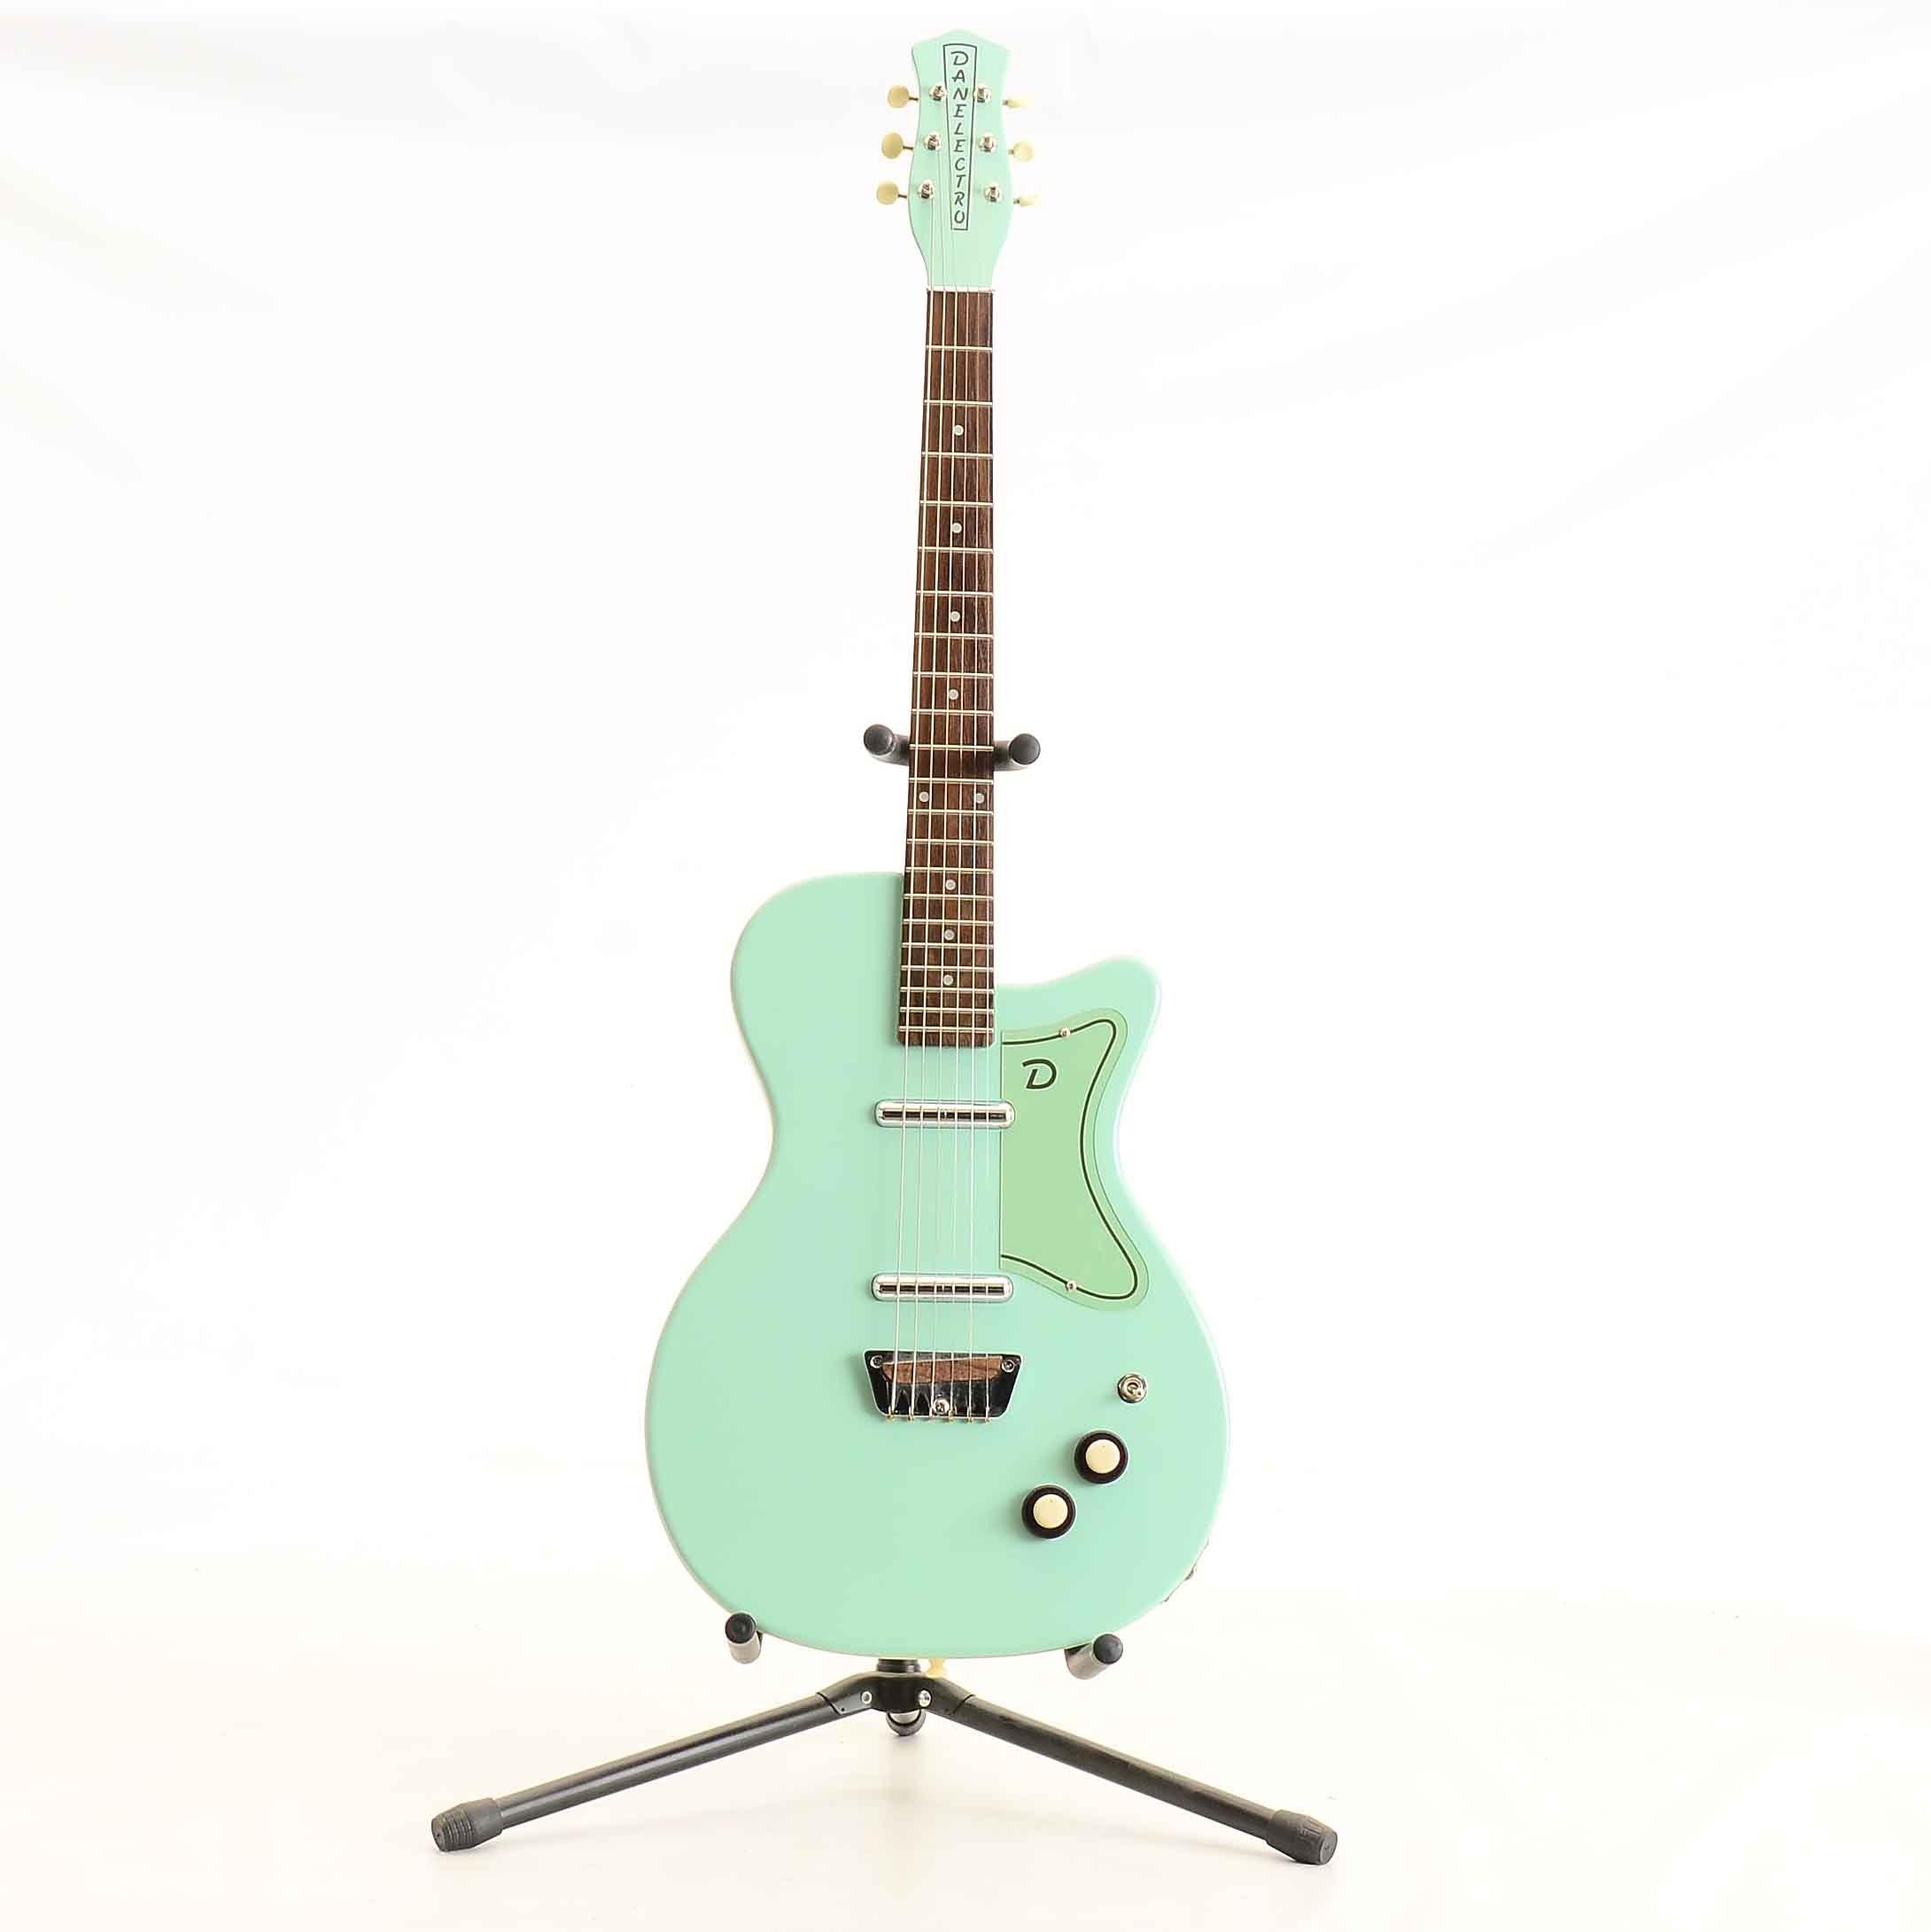 Danelectro '56 U2 Reissue Electric Guitar in Sea Foam Green